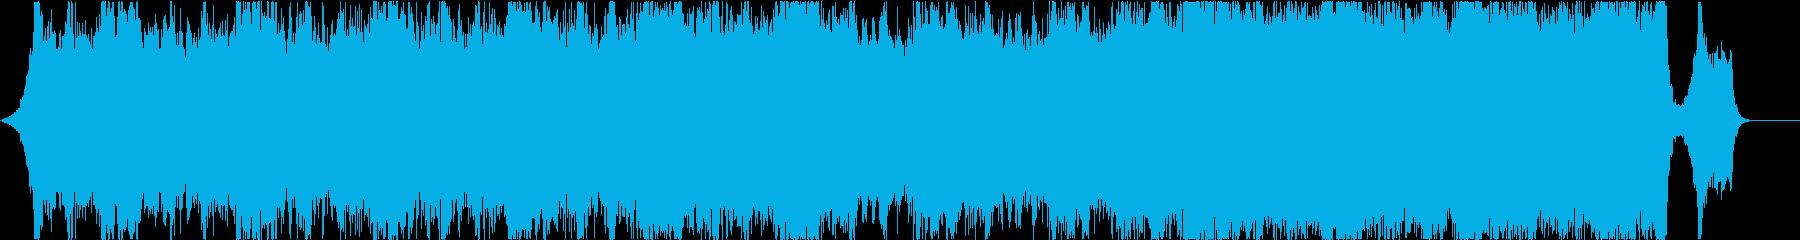 オーケストラ、エピック、シネマティックの再生済みの波形